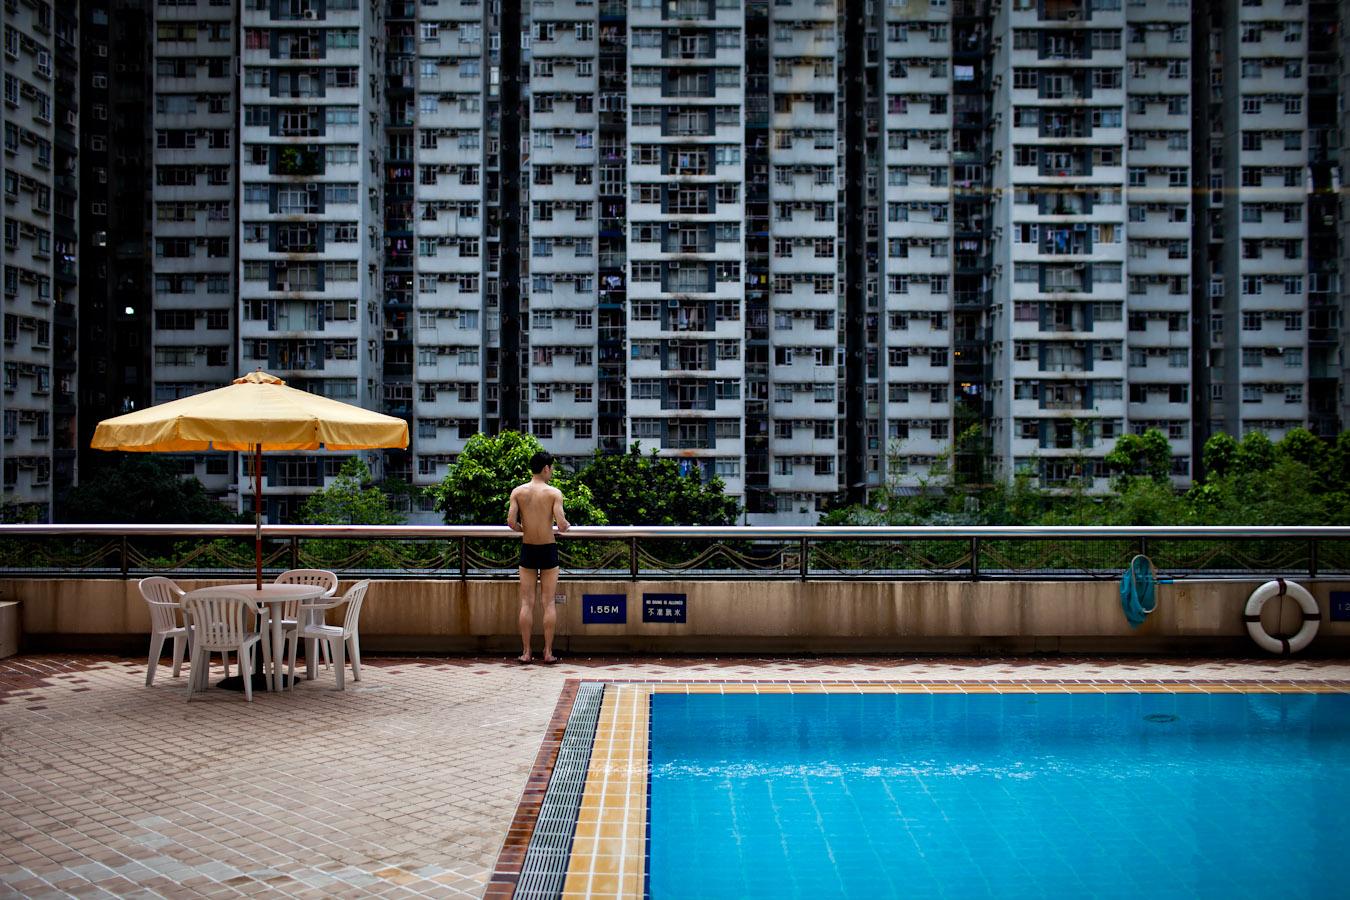 20110612_hongkong2_0133lw